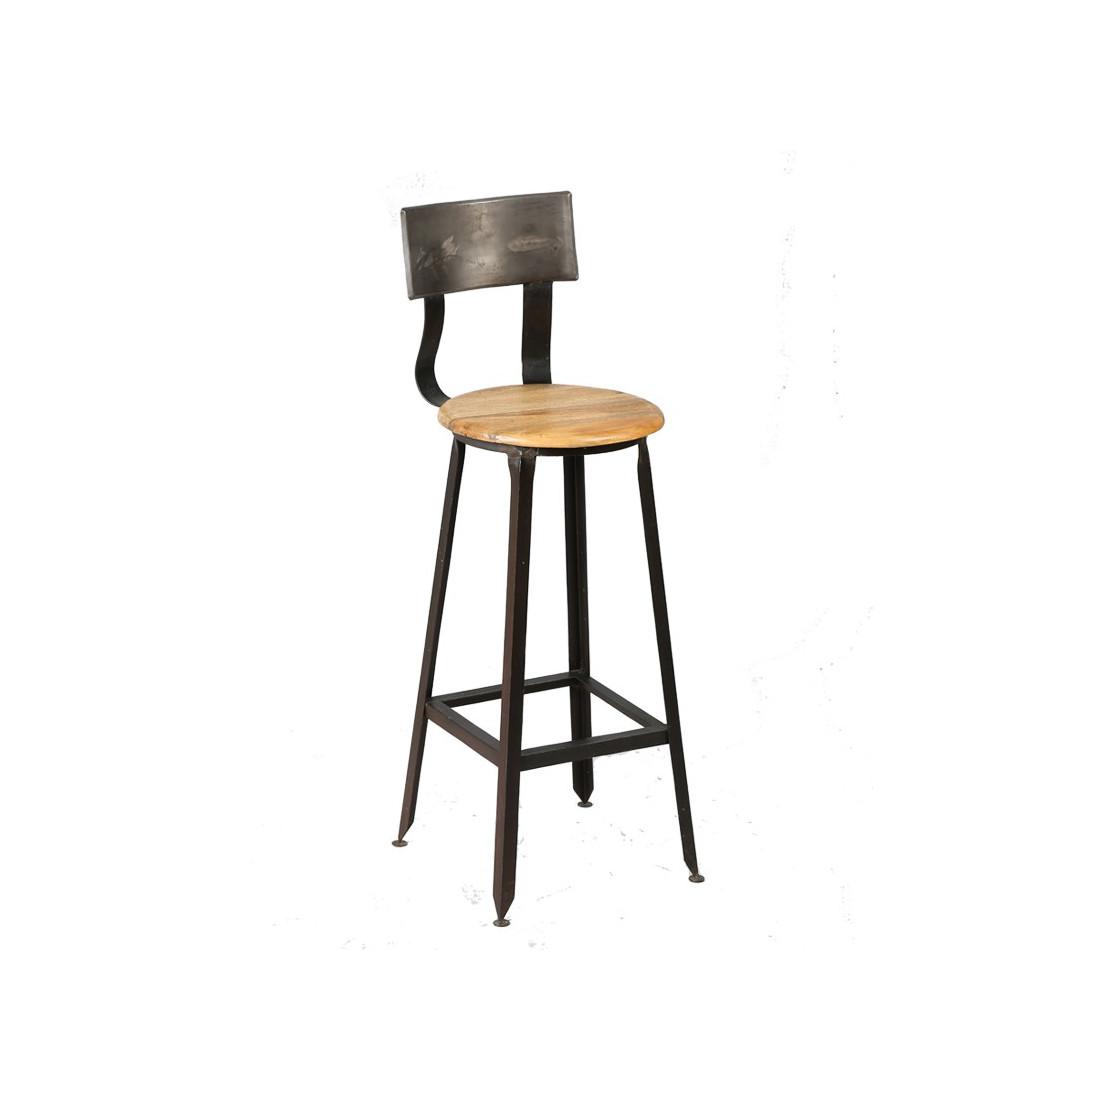 Chaise de bar jack univers de la salle manger for Tabouret de bar chaises ikea